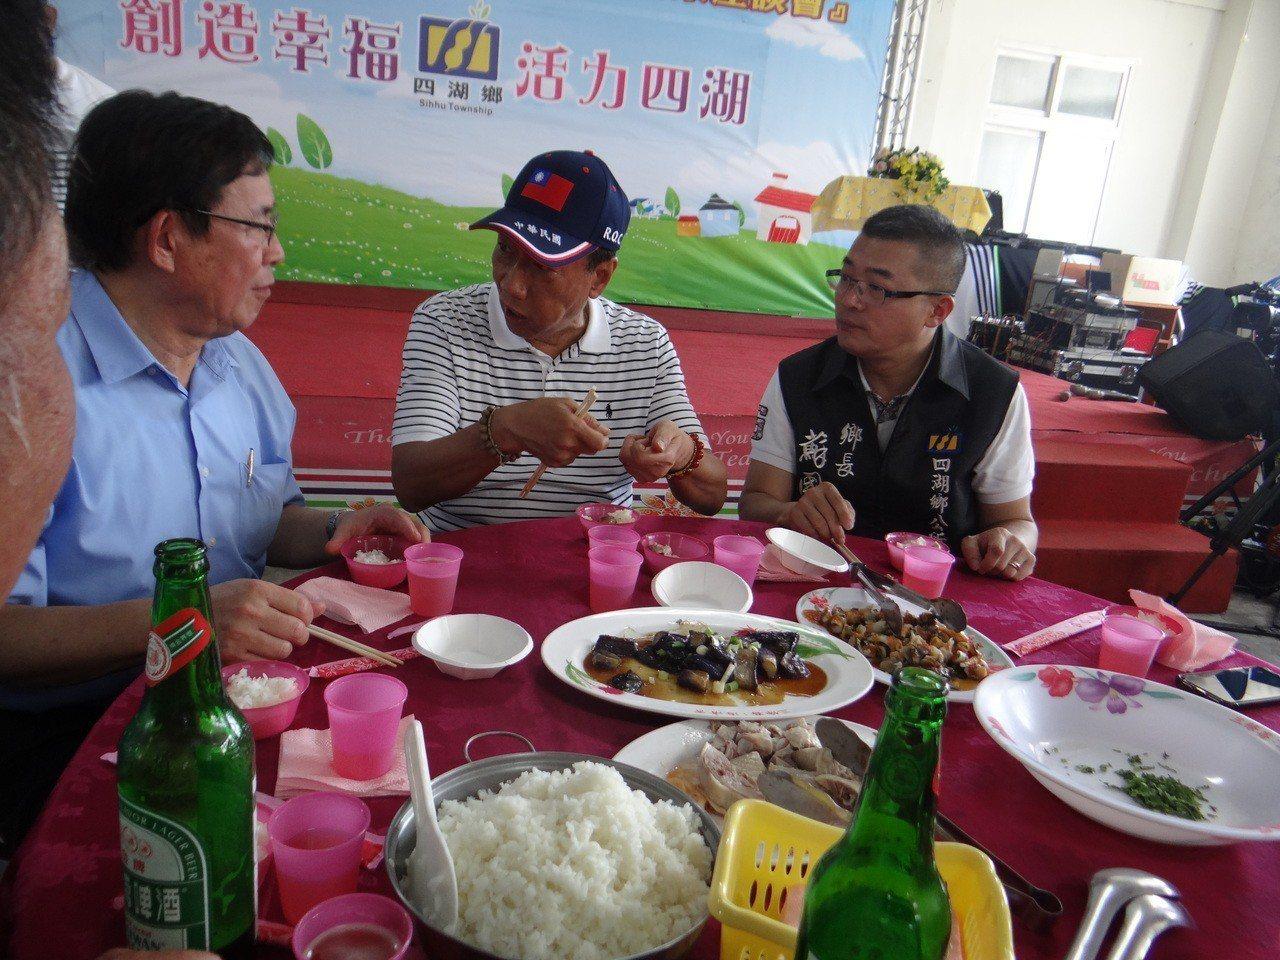 郭台銘走訪雲林並與農漁民呷便飯,飯菜簡單,邊吃邊聊吃得相當愉快。記者蔡維斌/攝影